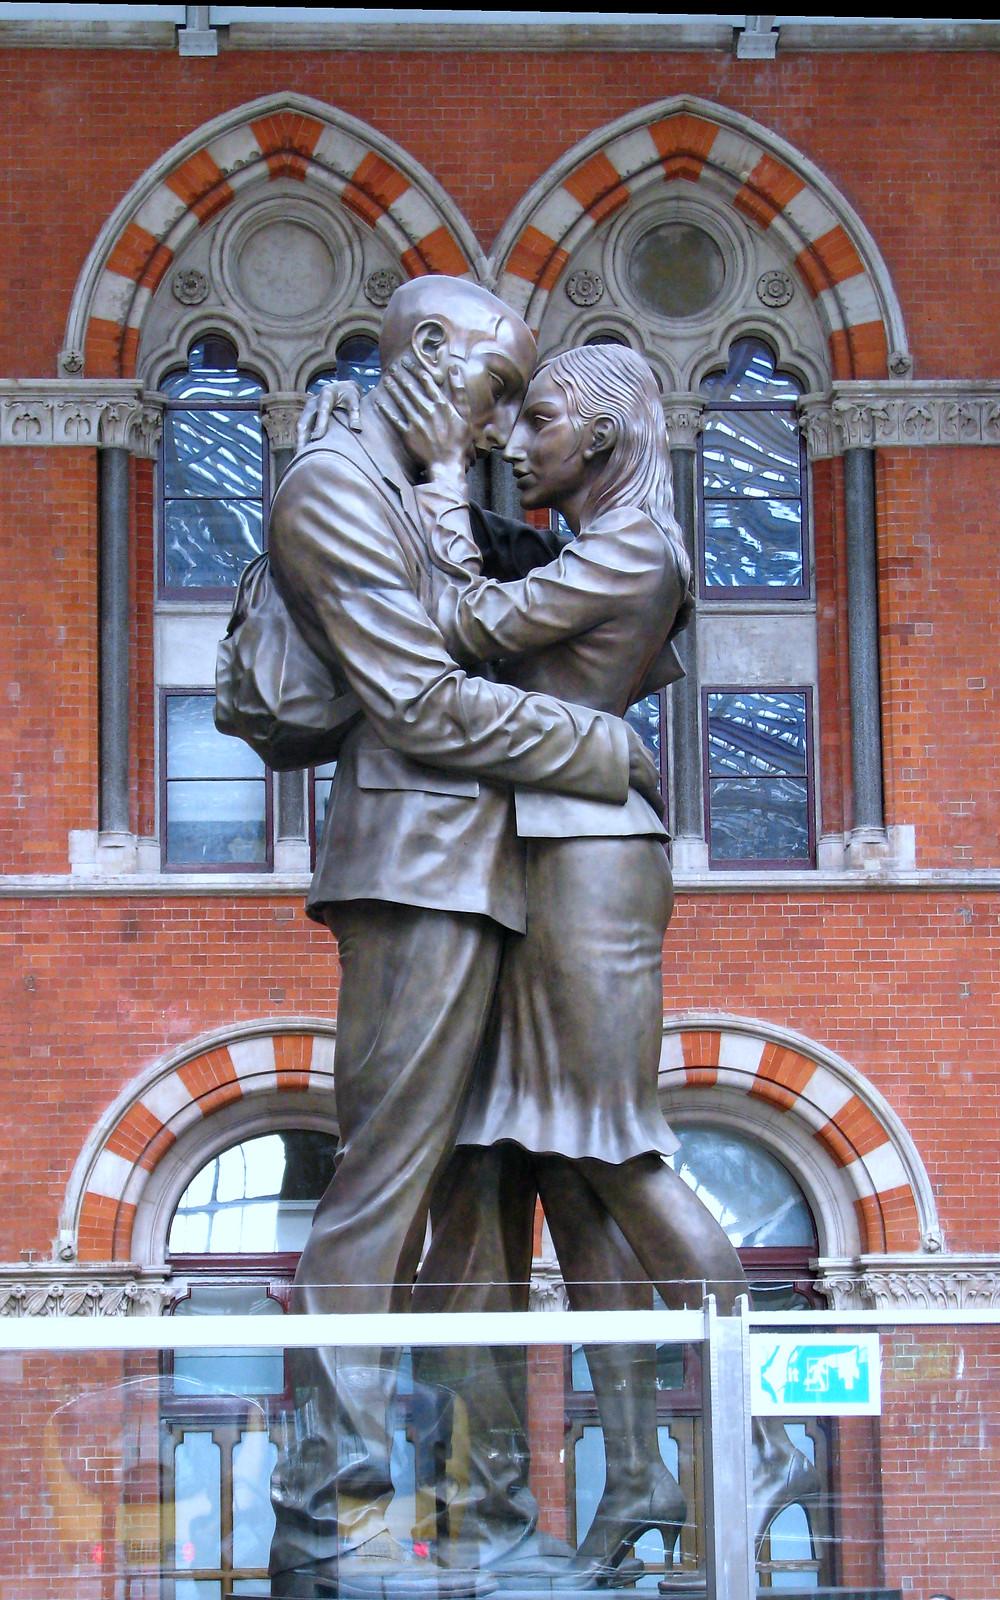 Tim Marlow's Bronze Sculpture at St Pancras Station